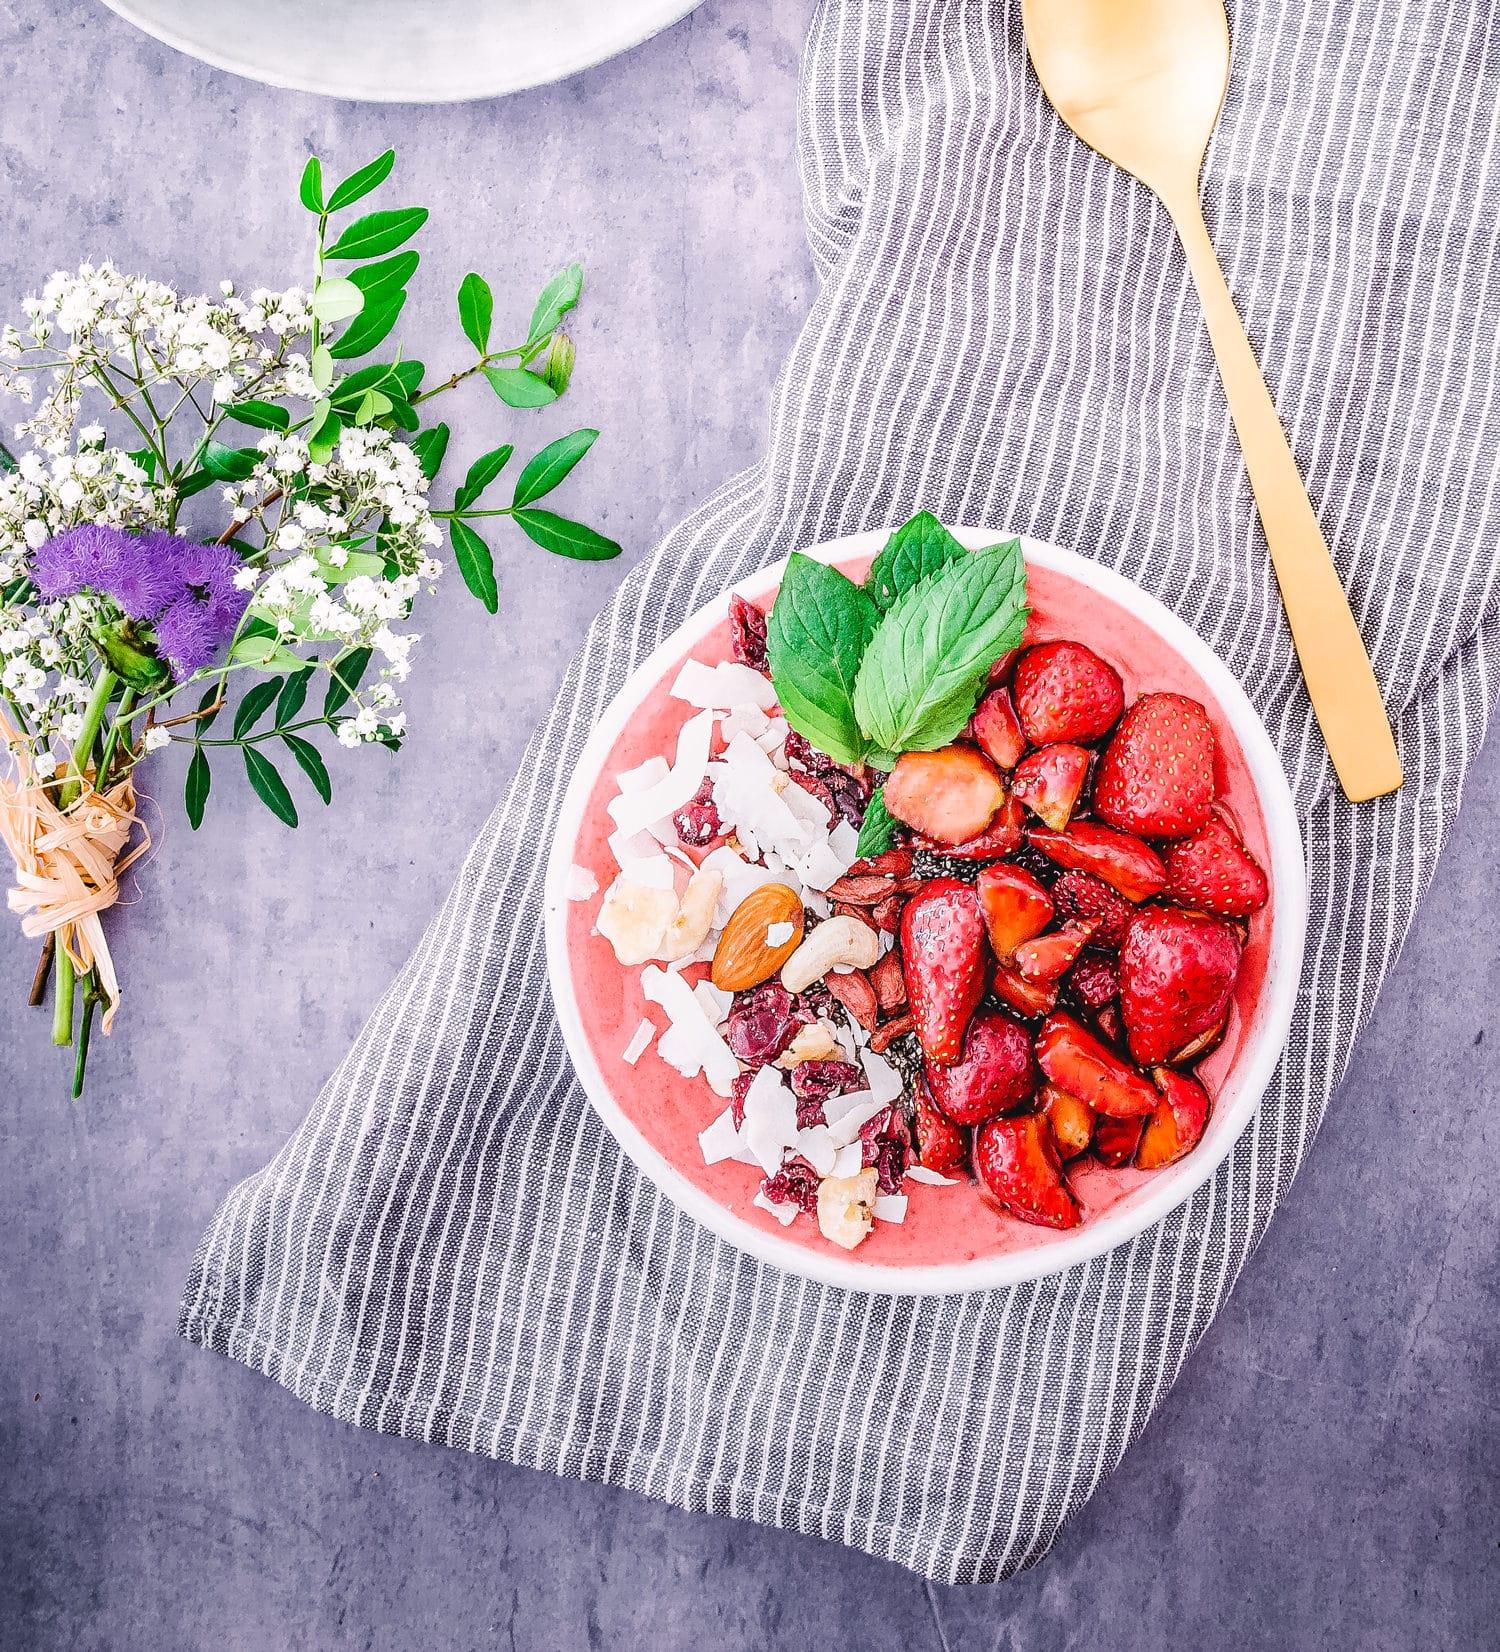 Smoothiebowl mit eingelegten Balsamico-Erdbeeren